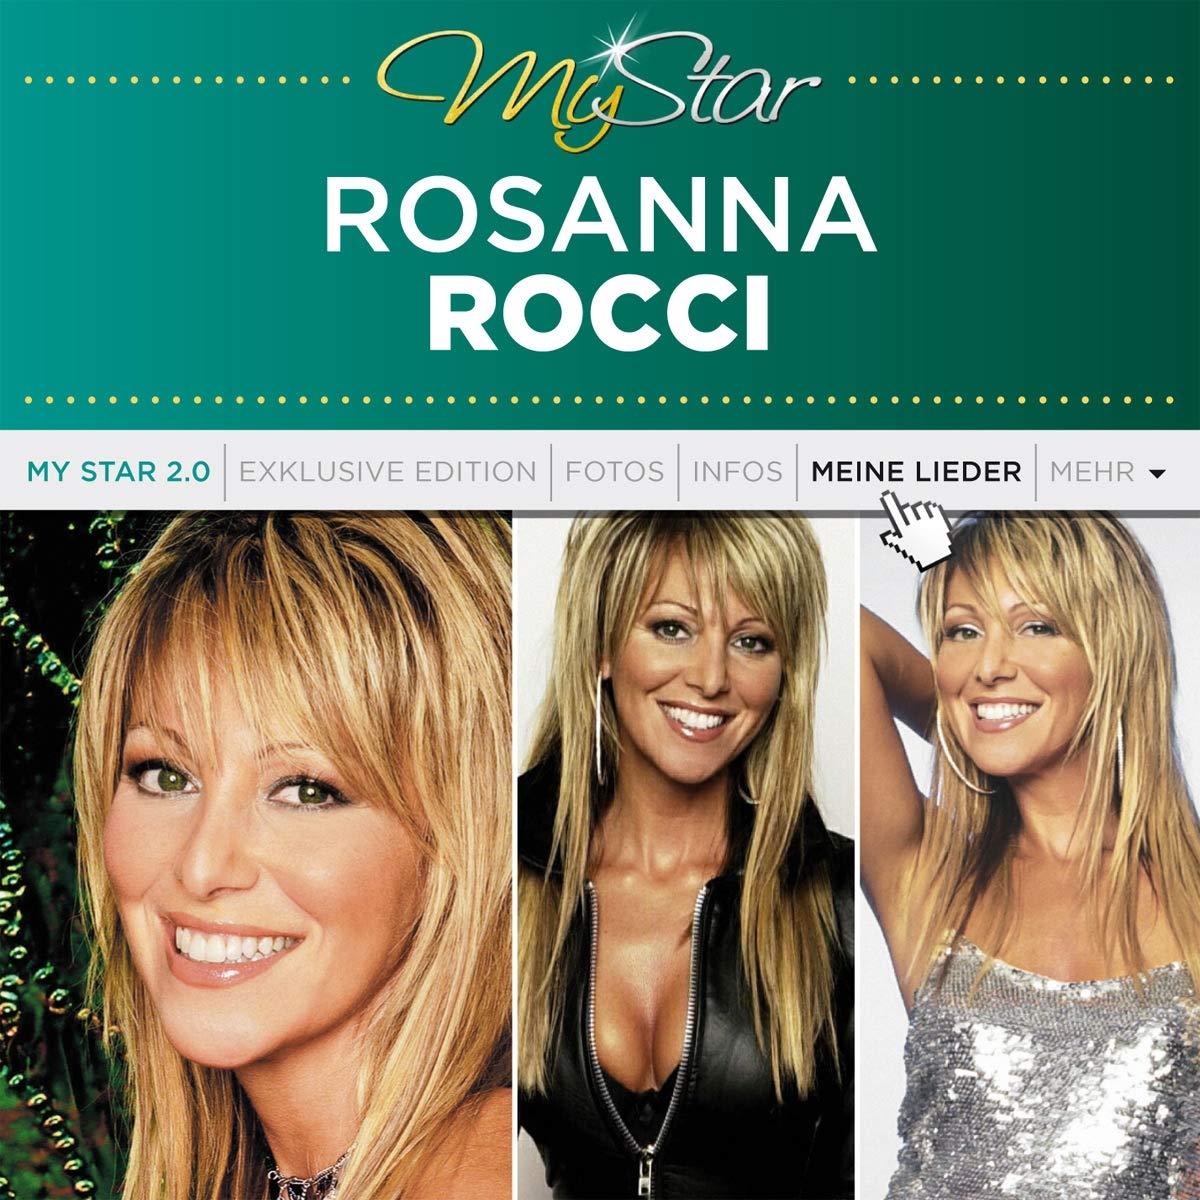 ROSANNA ROCCI - MY STAR